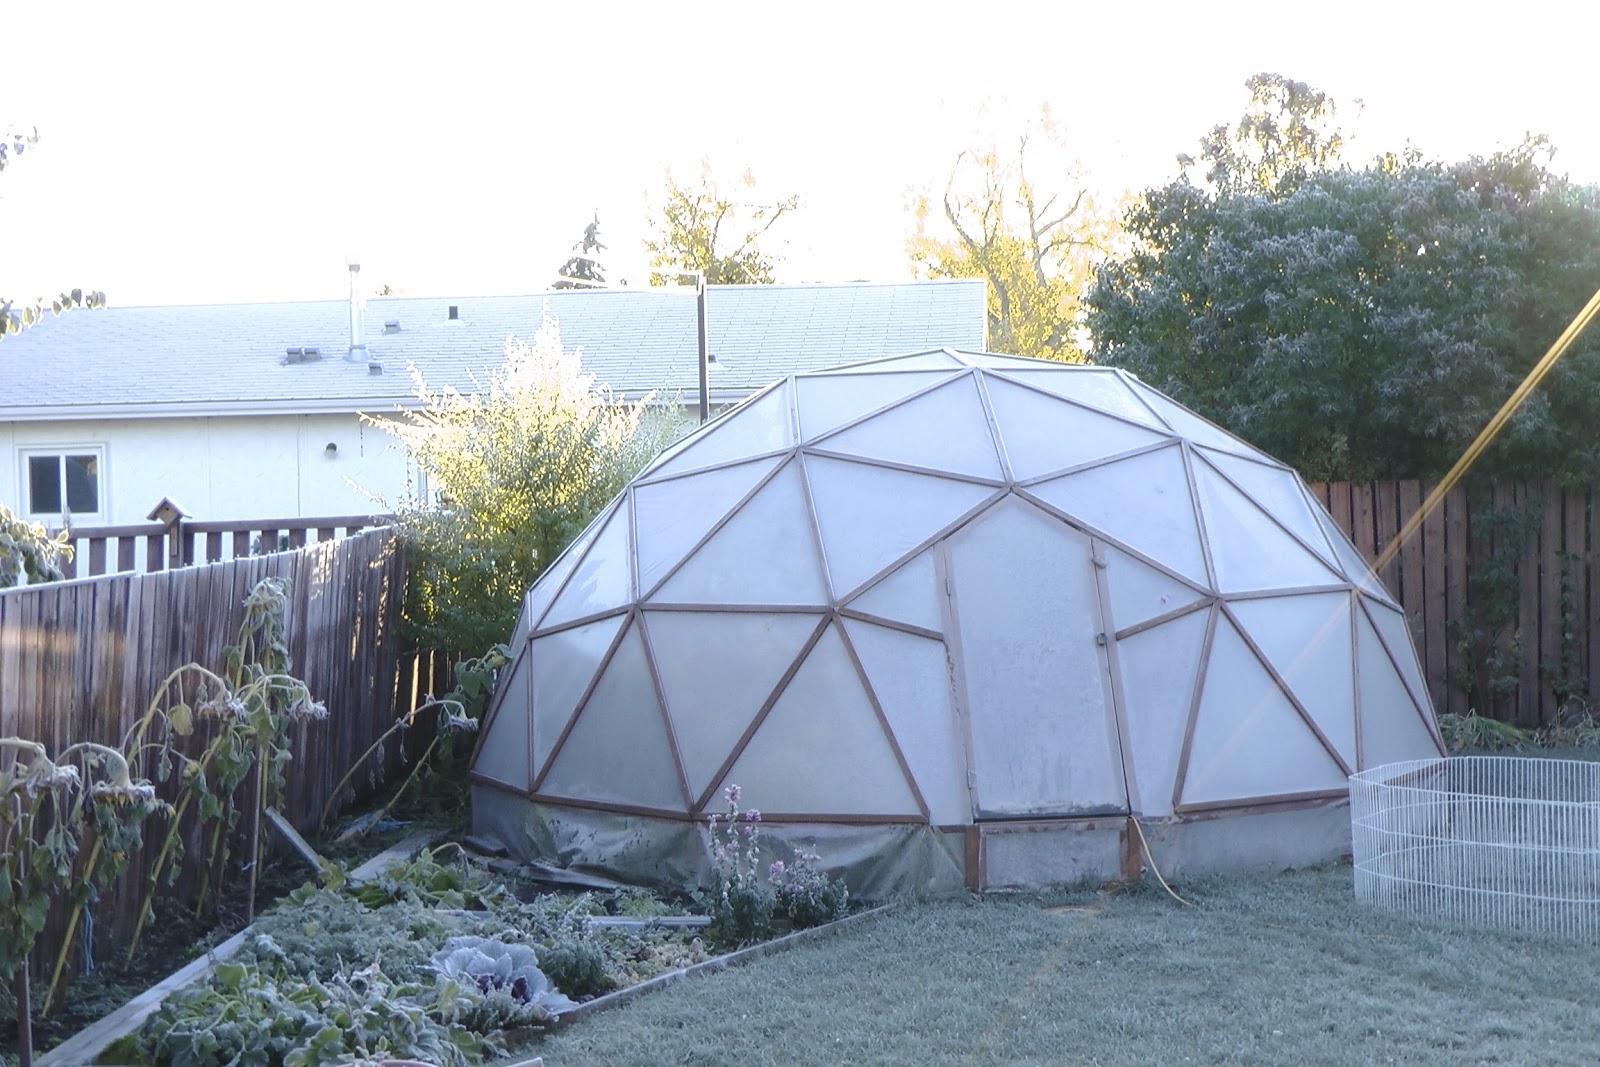 aus der k che und dem garten wie pflanzen auf frost reagieren. Black Bedroom Furniture Sets. Home Design Ideas